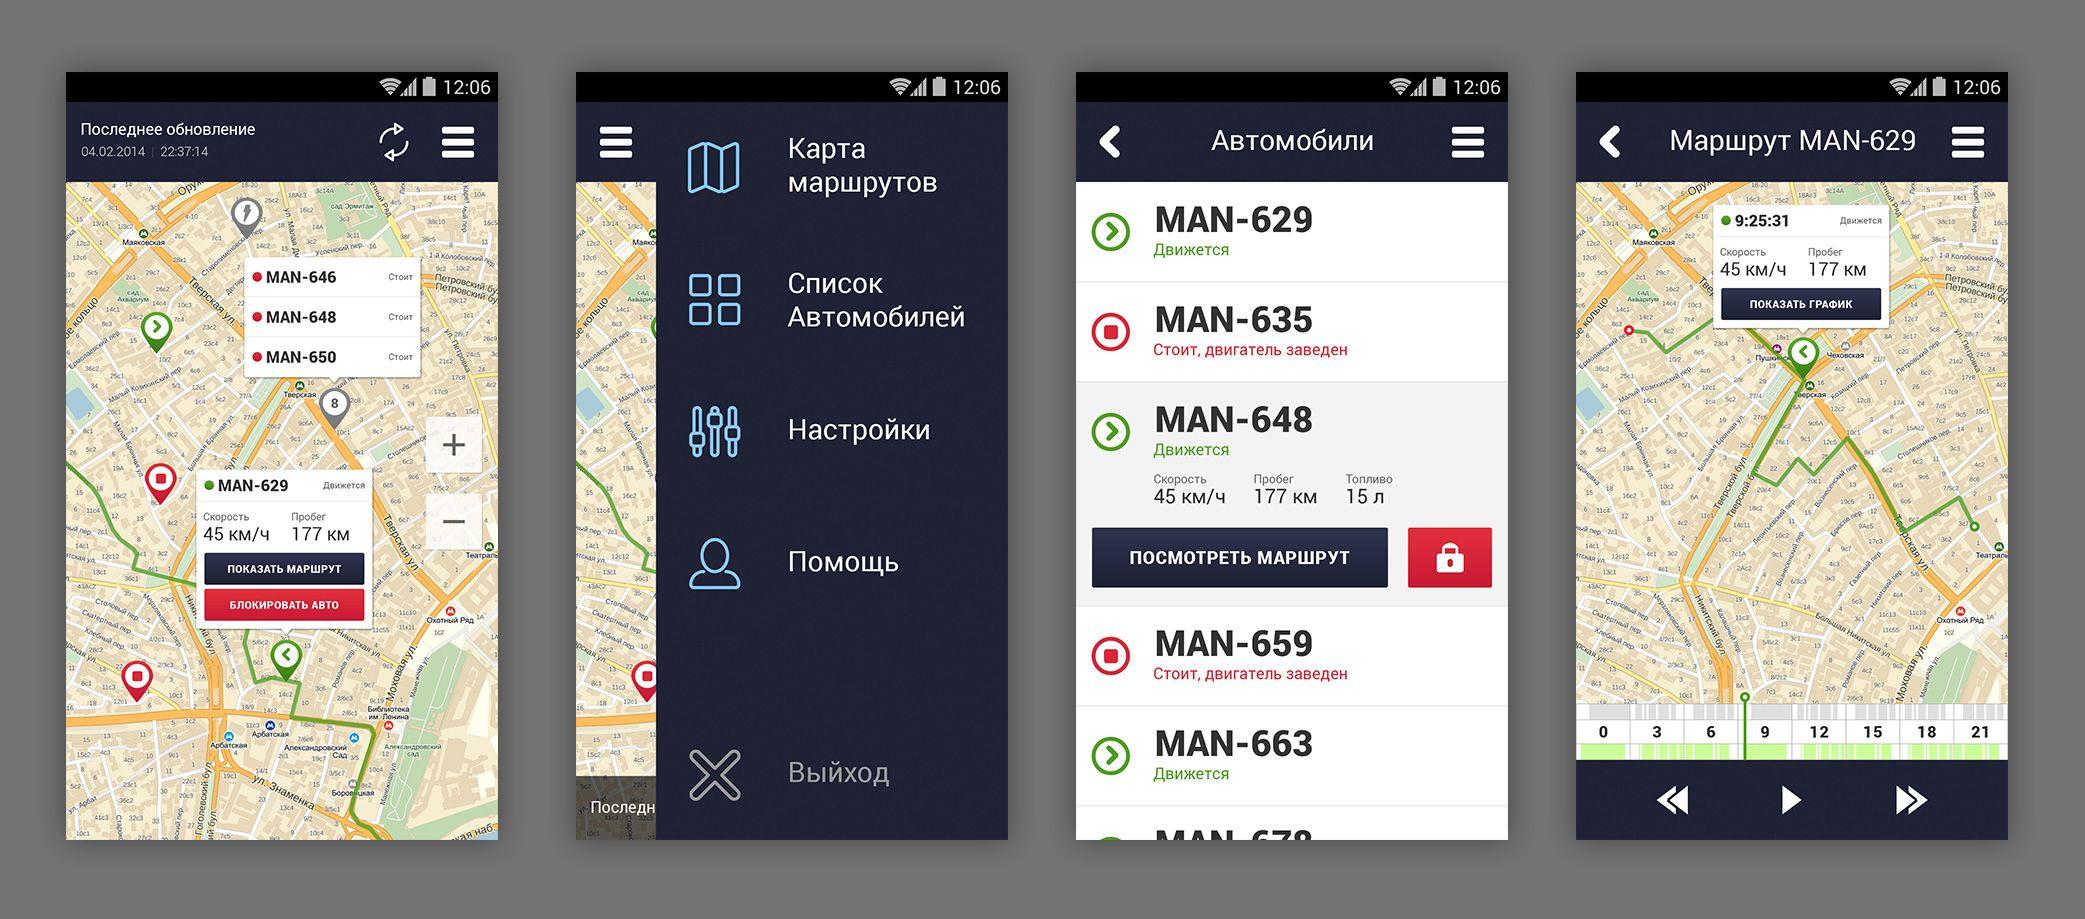 Дизайн мобильного приложения (объекты на карте) - дизайнер a_lastas